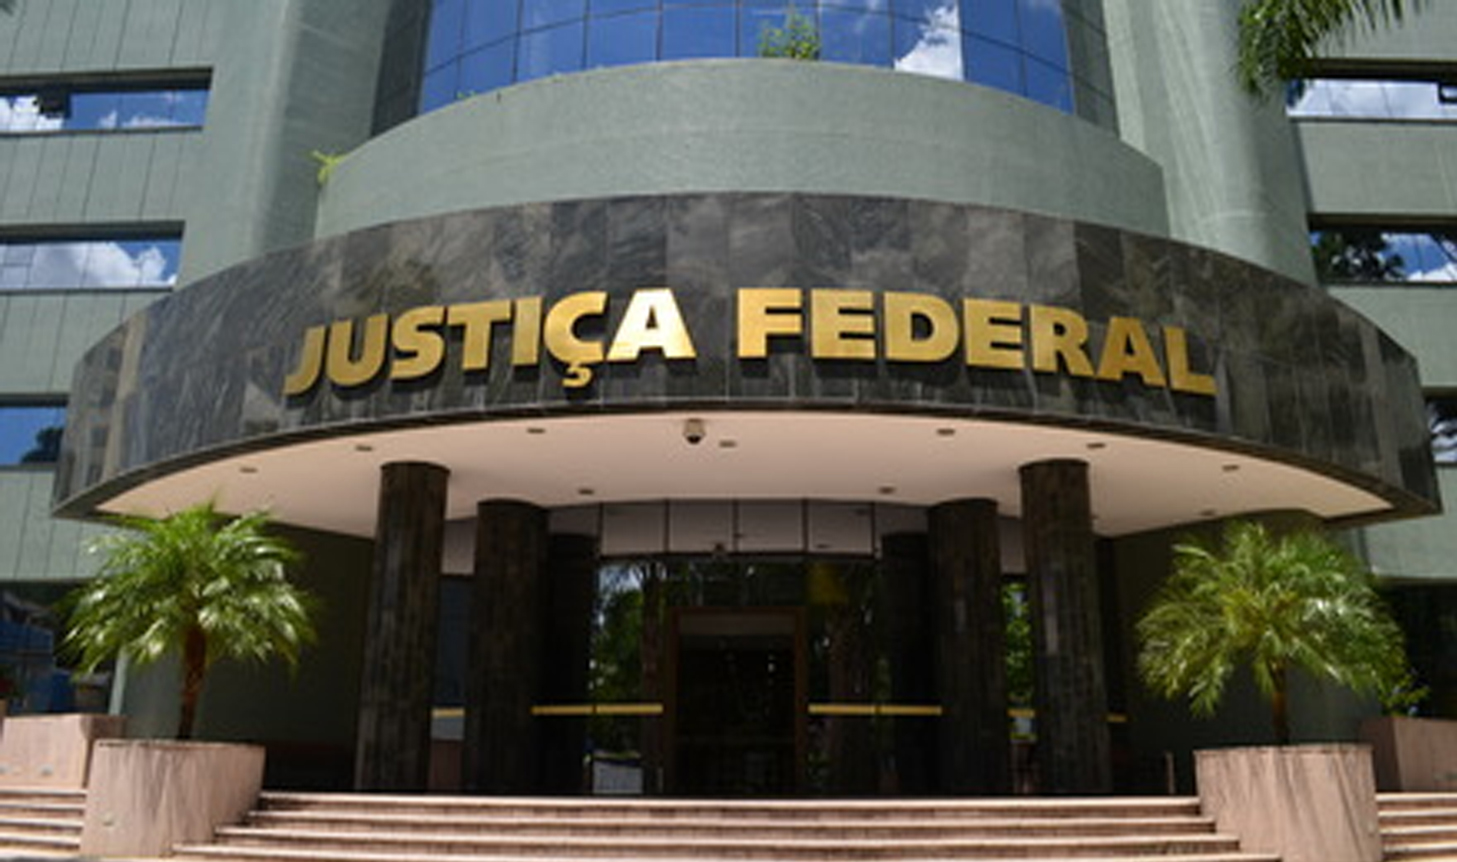 Justiça Federal em Curitiba retoma trabalhos da Operação Lava Jato |  Agência Brasil